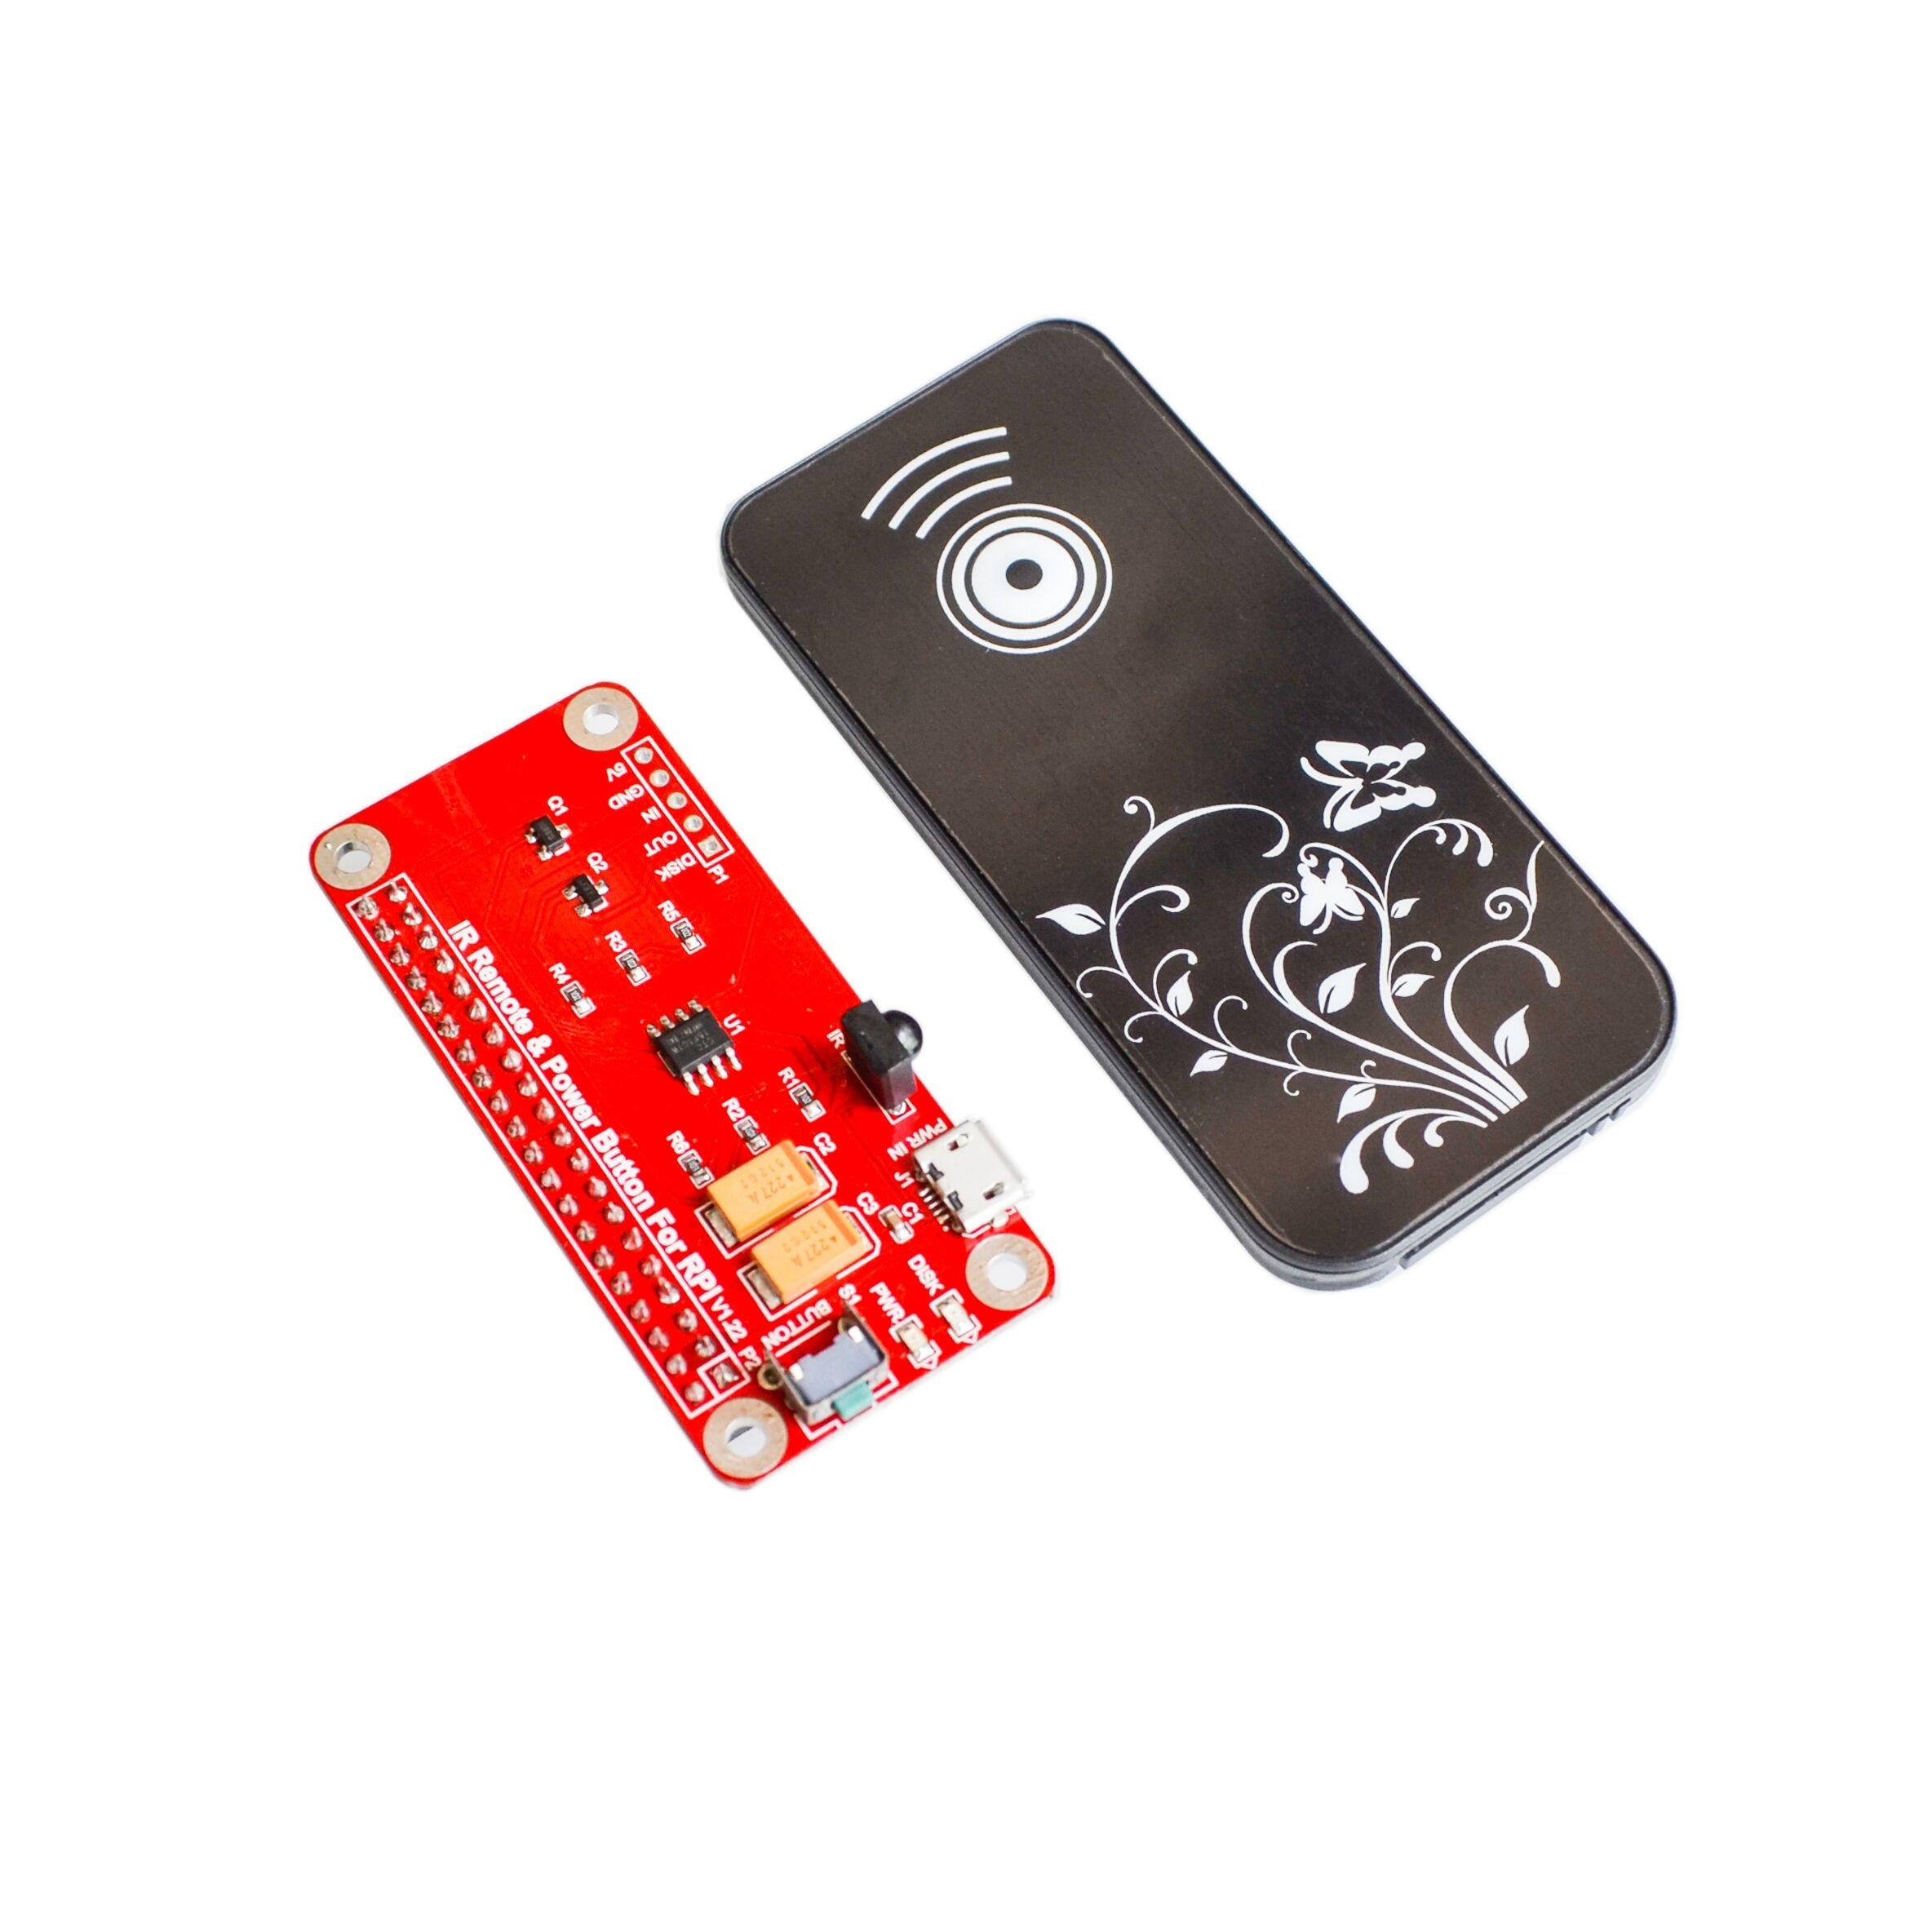 1kit interruptor módulo de controle remoto ir controle remoto módulo botão energia para raspberry pi 2/3 modelo b pi zero